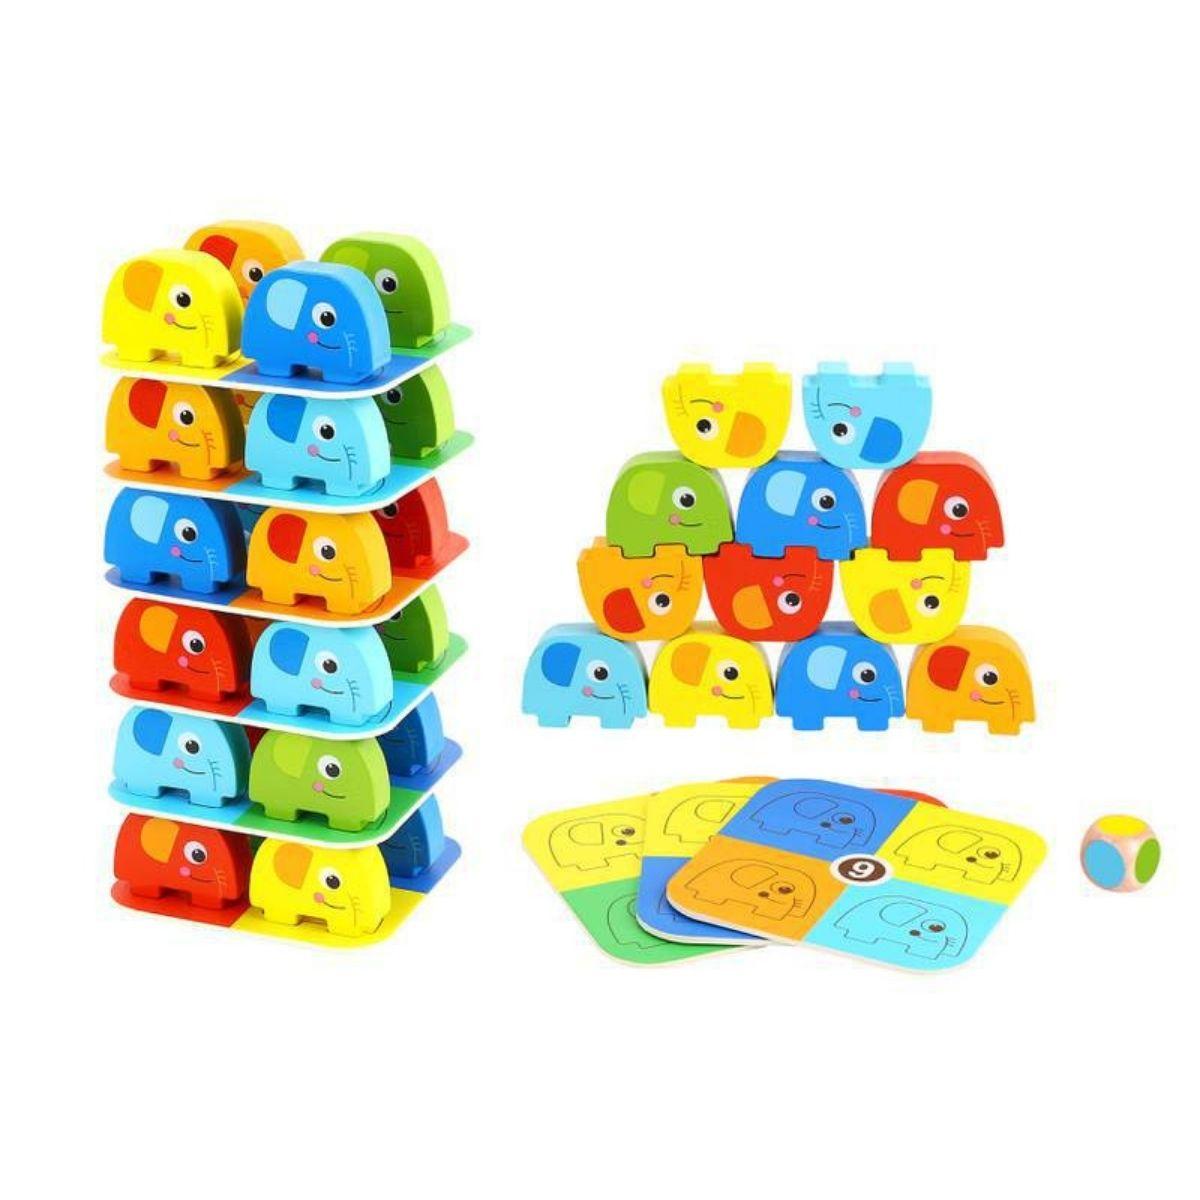 Brinquedo Lúdico Jogo de Empilhar Elefantes